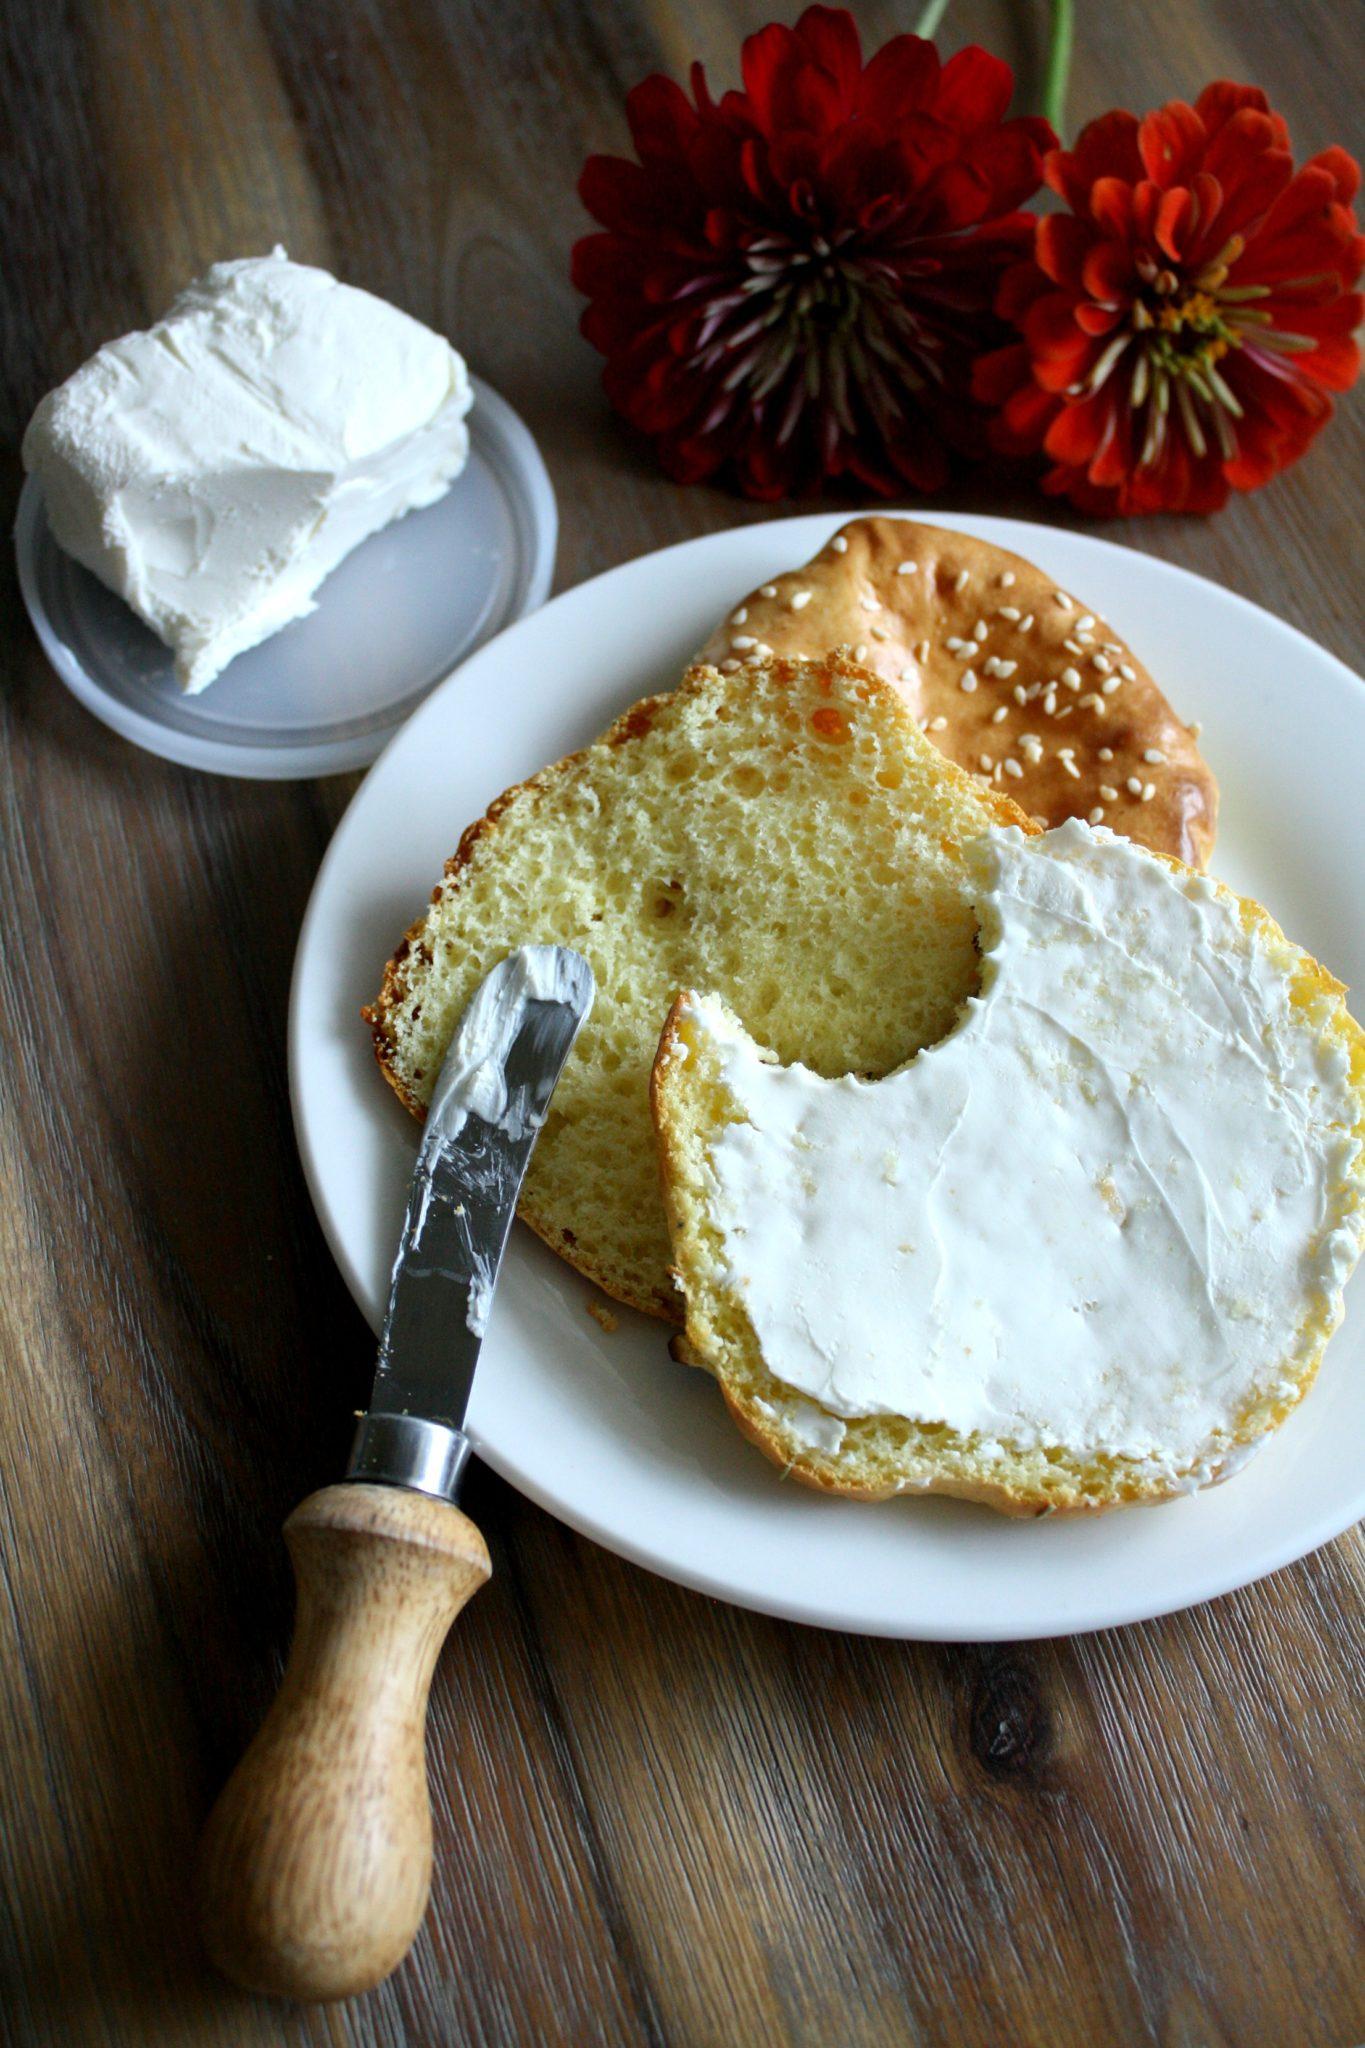 O melhor pão Low Carb que você já comeu! Com 3 ingredientes e 10 minutinhos!